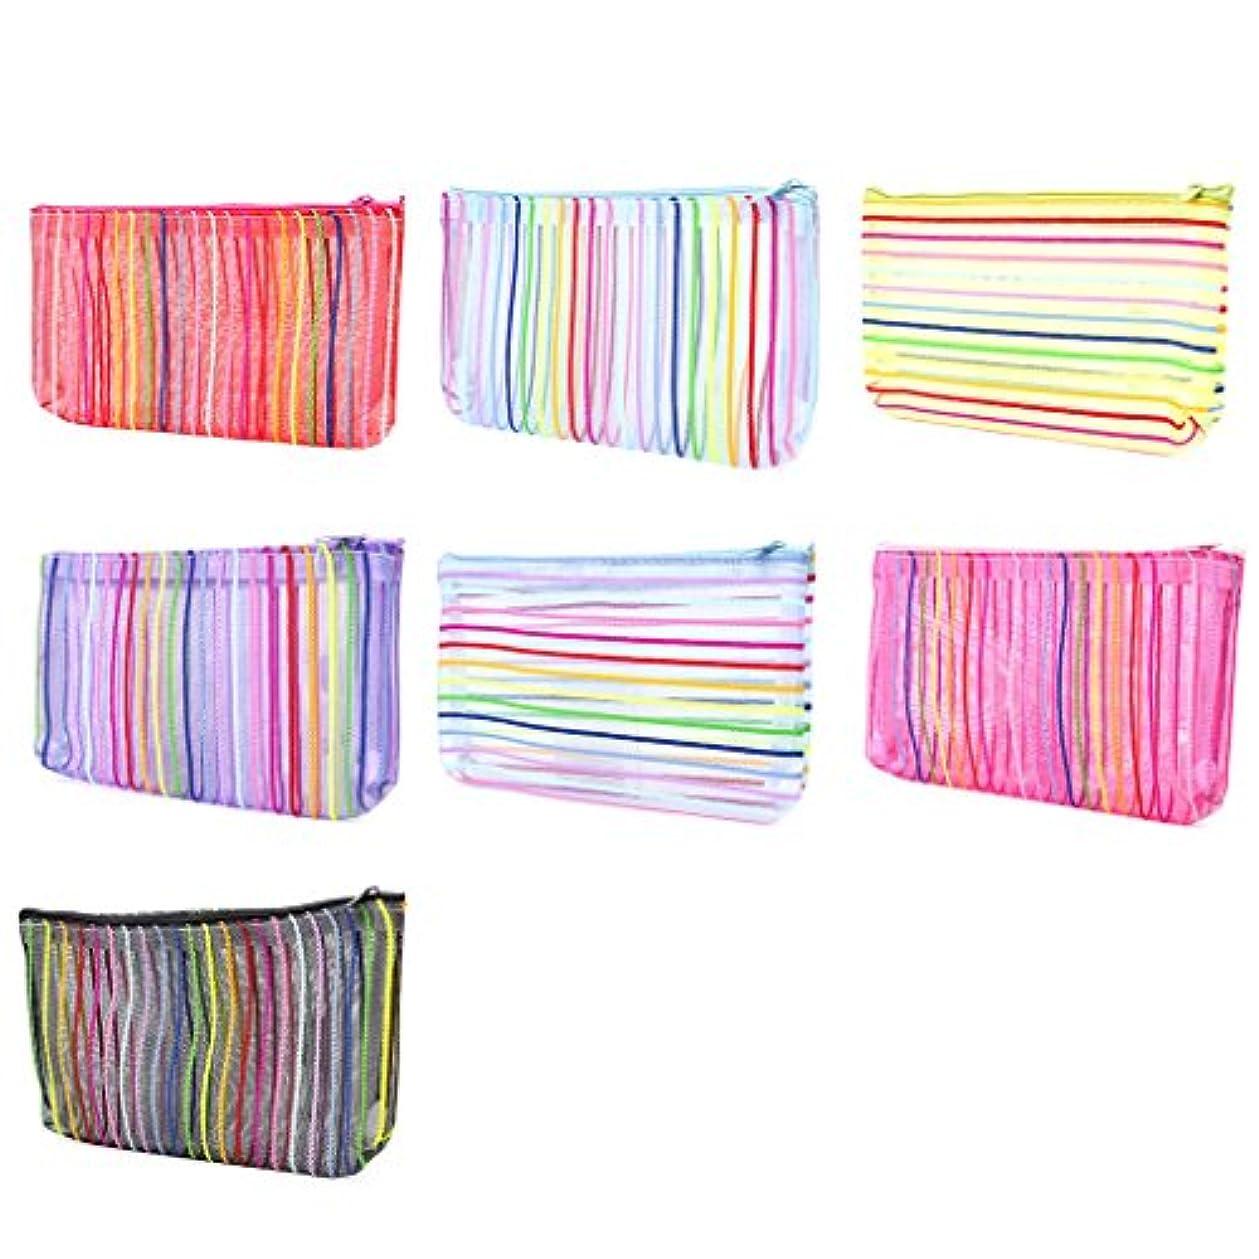 知らせる胴体超越するSimpleLife Rainbow化粧品バッグ/ナイロンメッシュ化粧ケース/トラベルトイレタリーポーチオーガナイザーバッグ(ジッパー付き)(ランダムカラー)